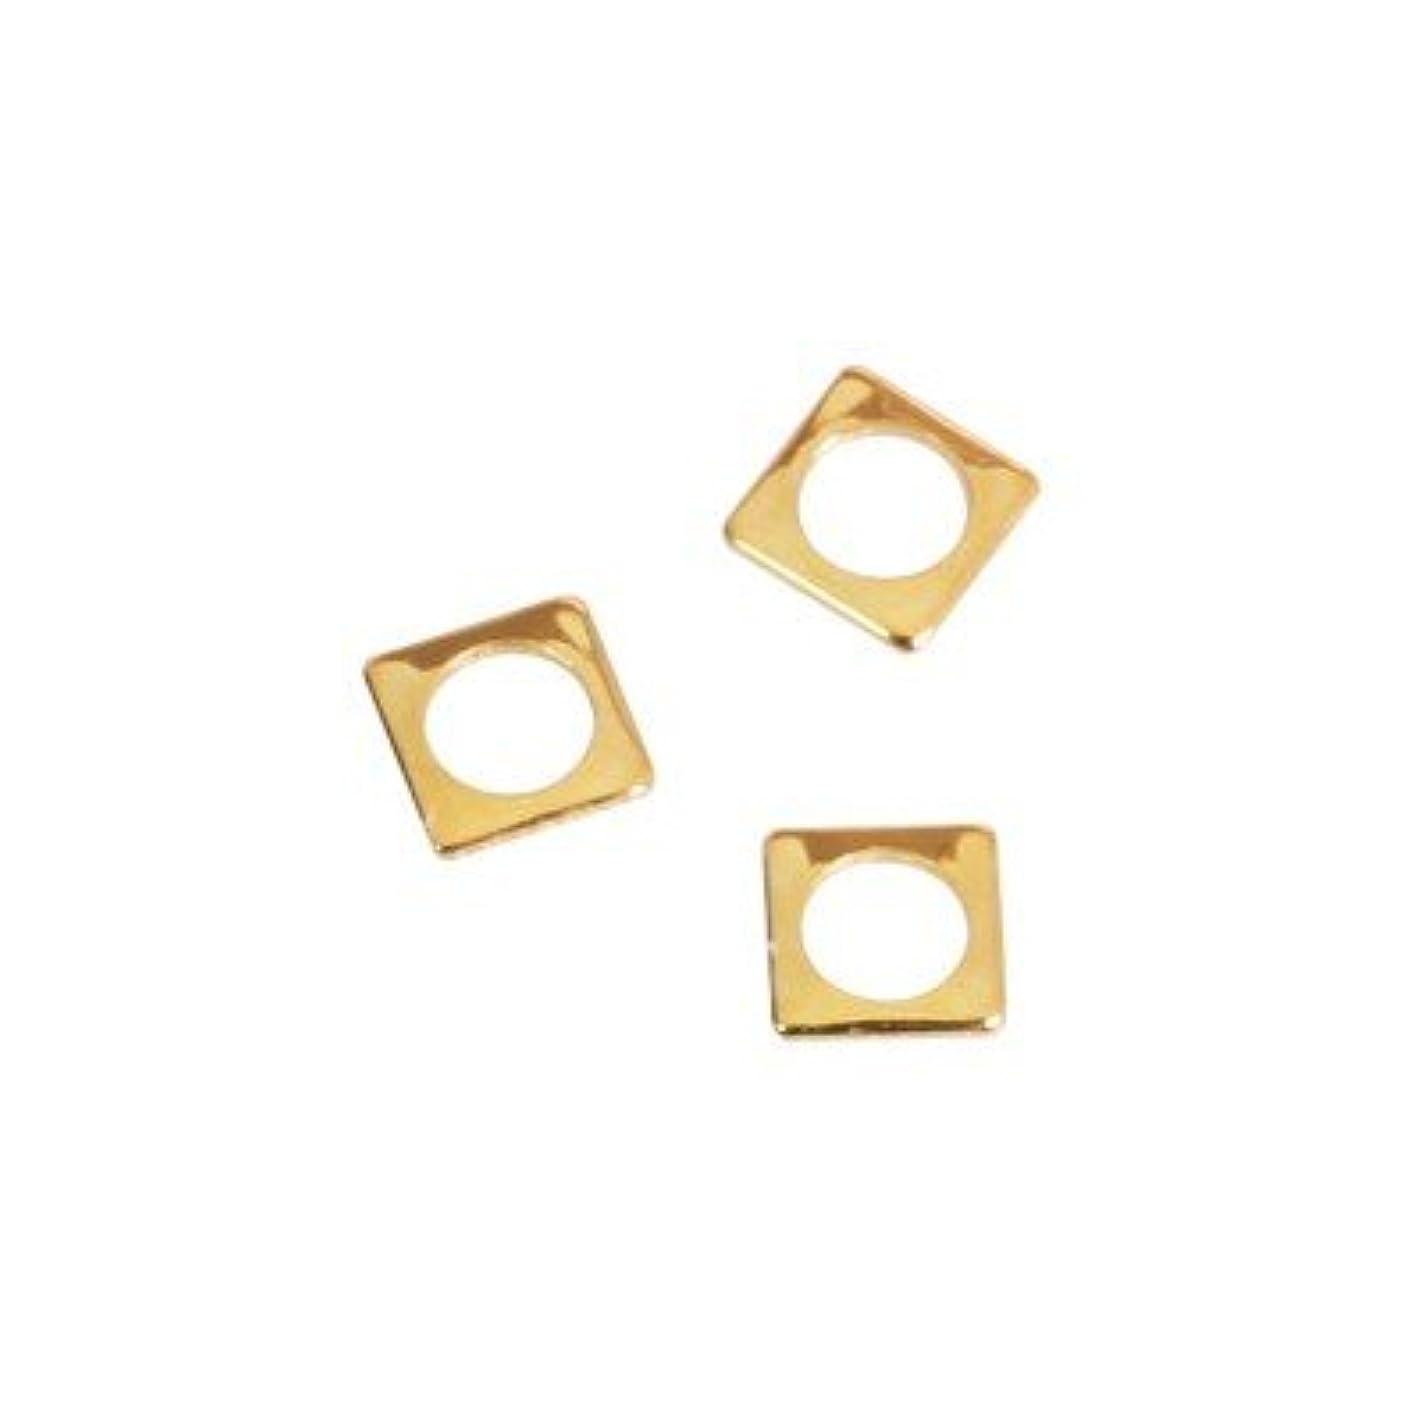 倫理便宜柔らかさピアドラ スタッズ スクエア 中抜き(ラウンド)2.5mm 50P ゴールド